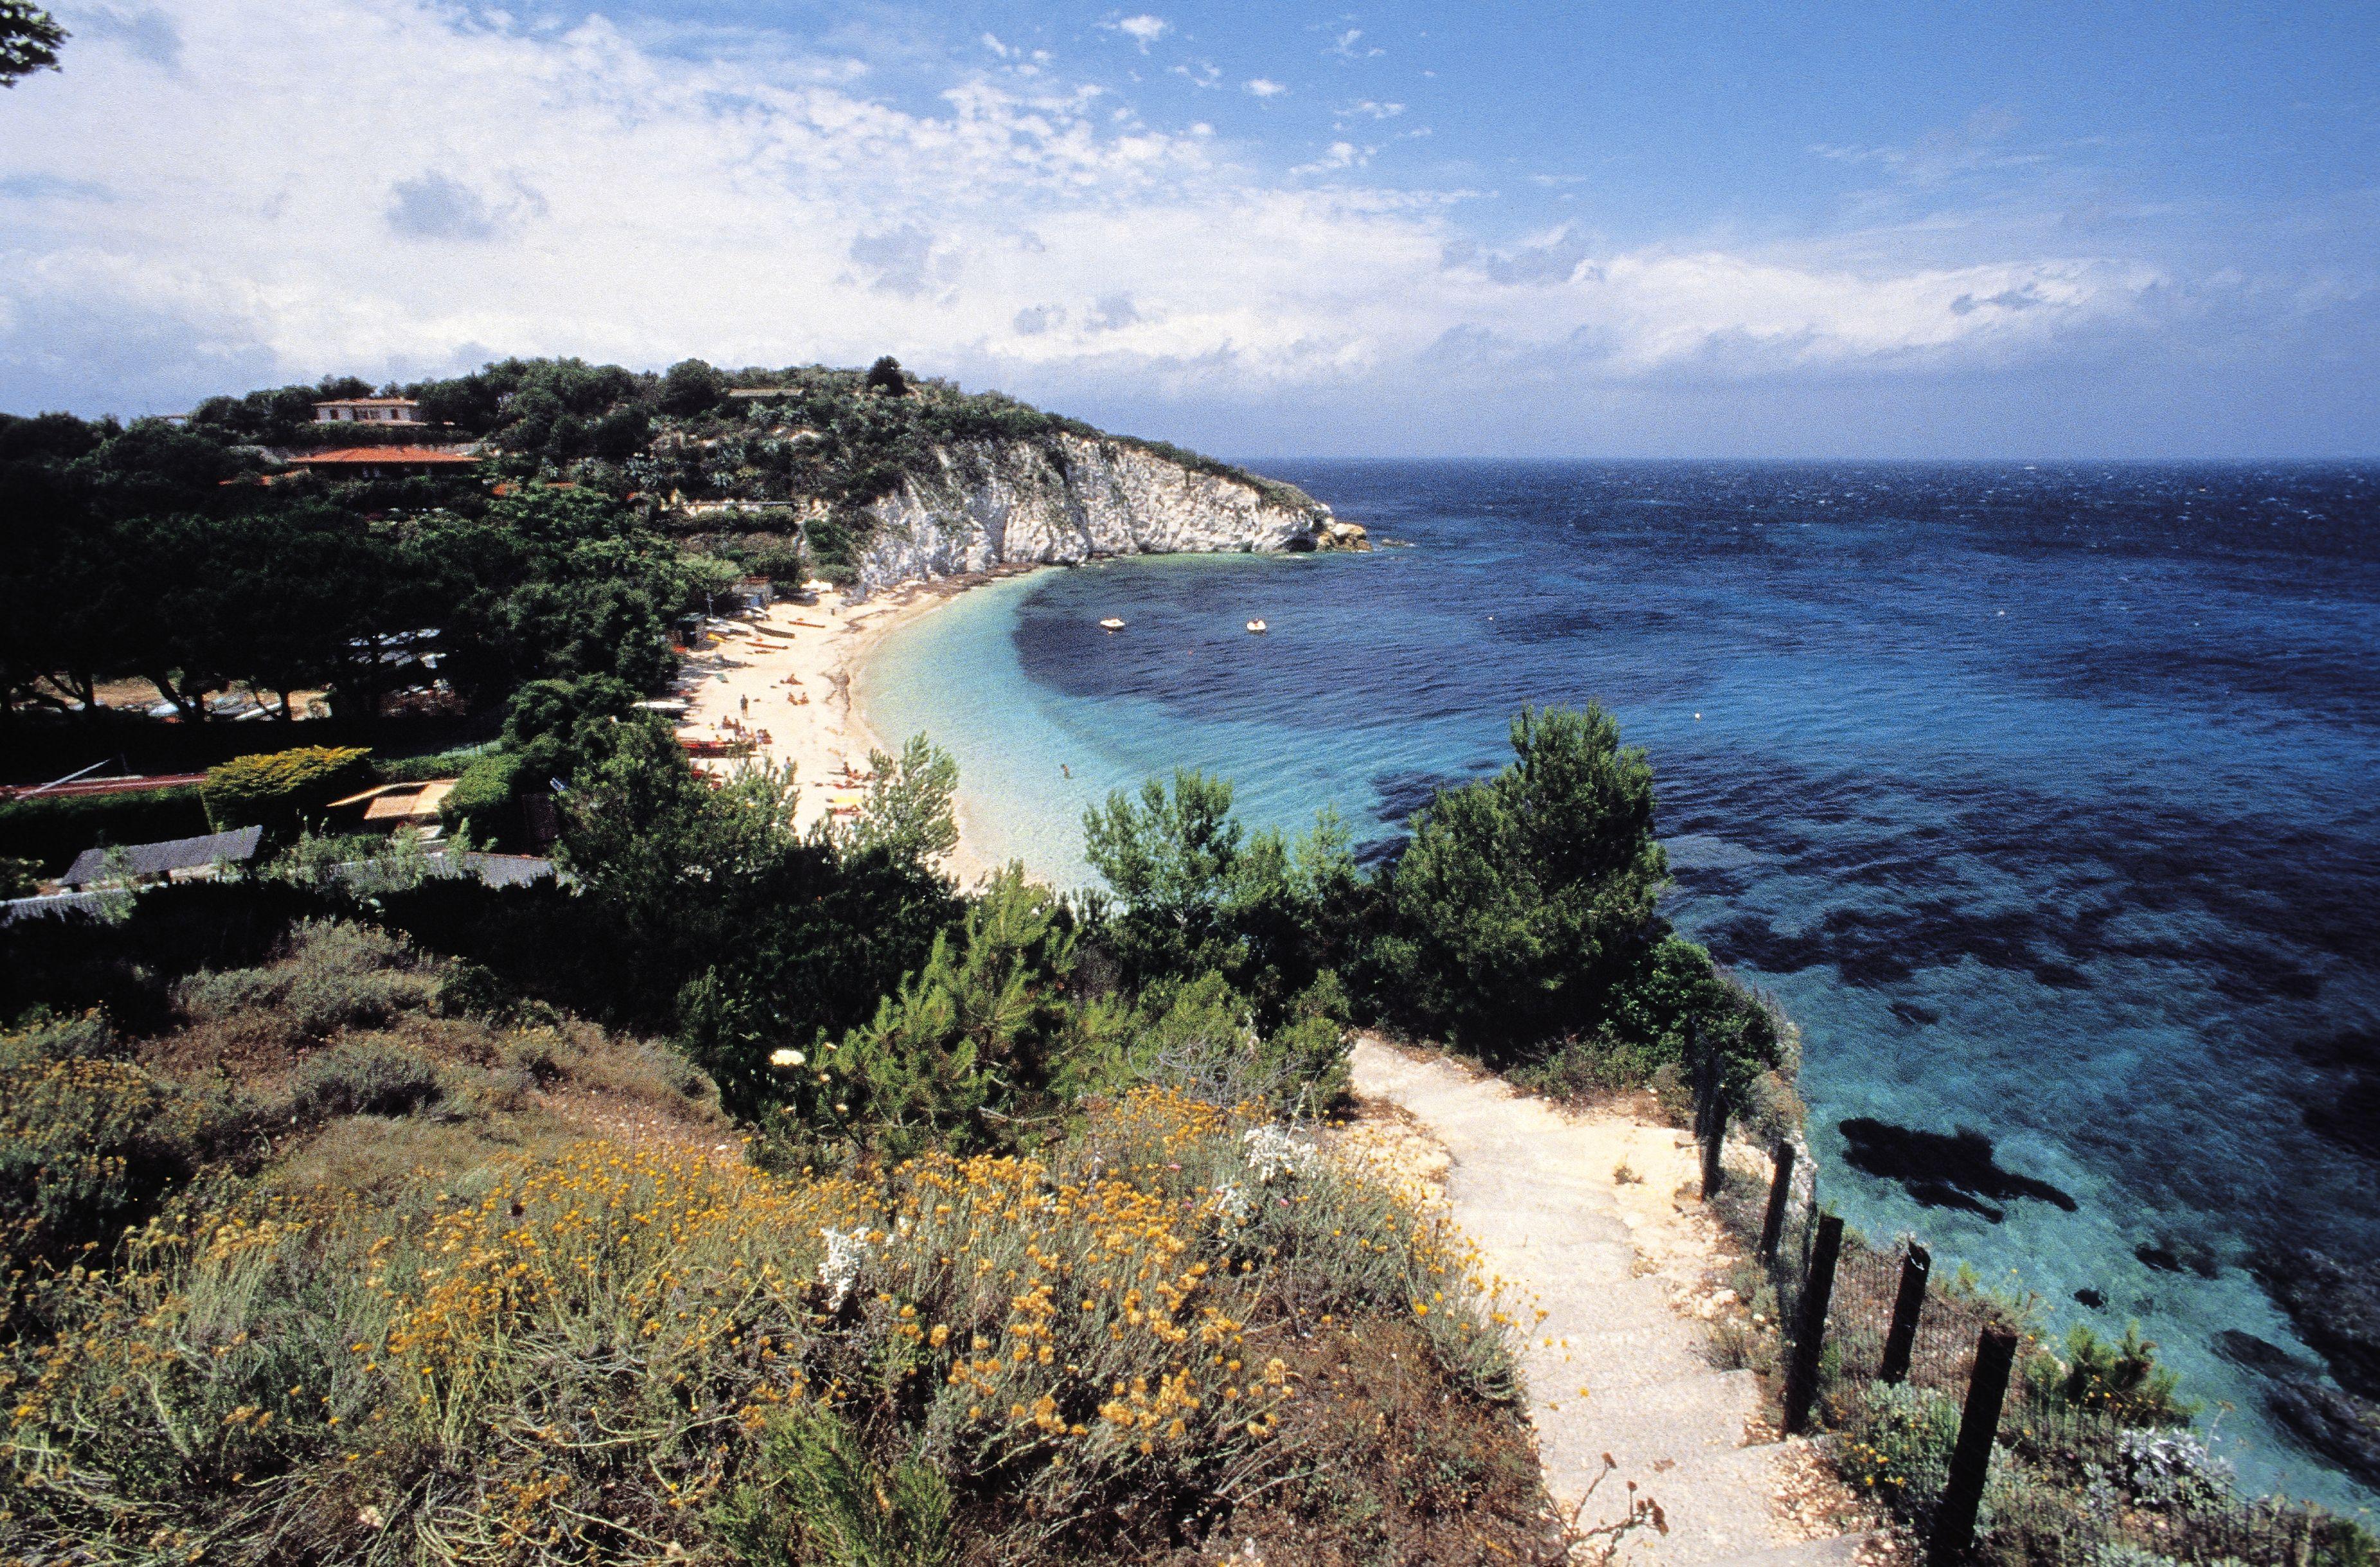 Esencija tirkiznog toskanskog otoka